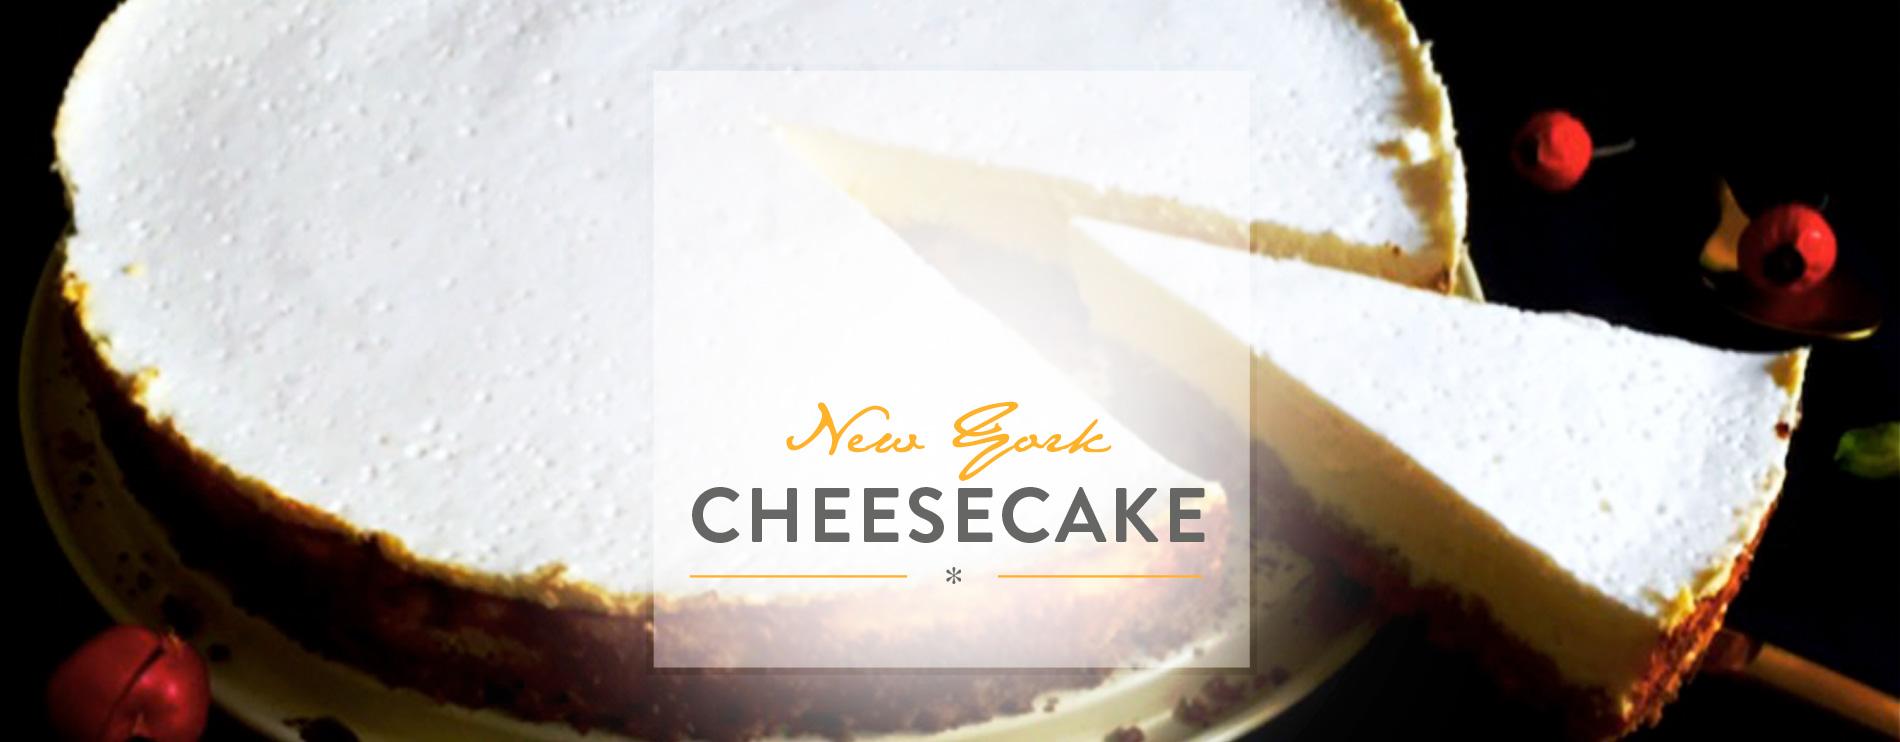 Header NY Cheesecake